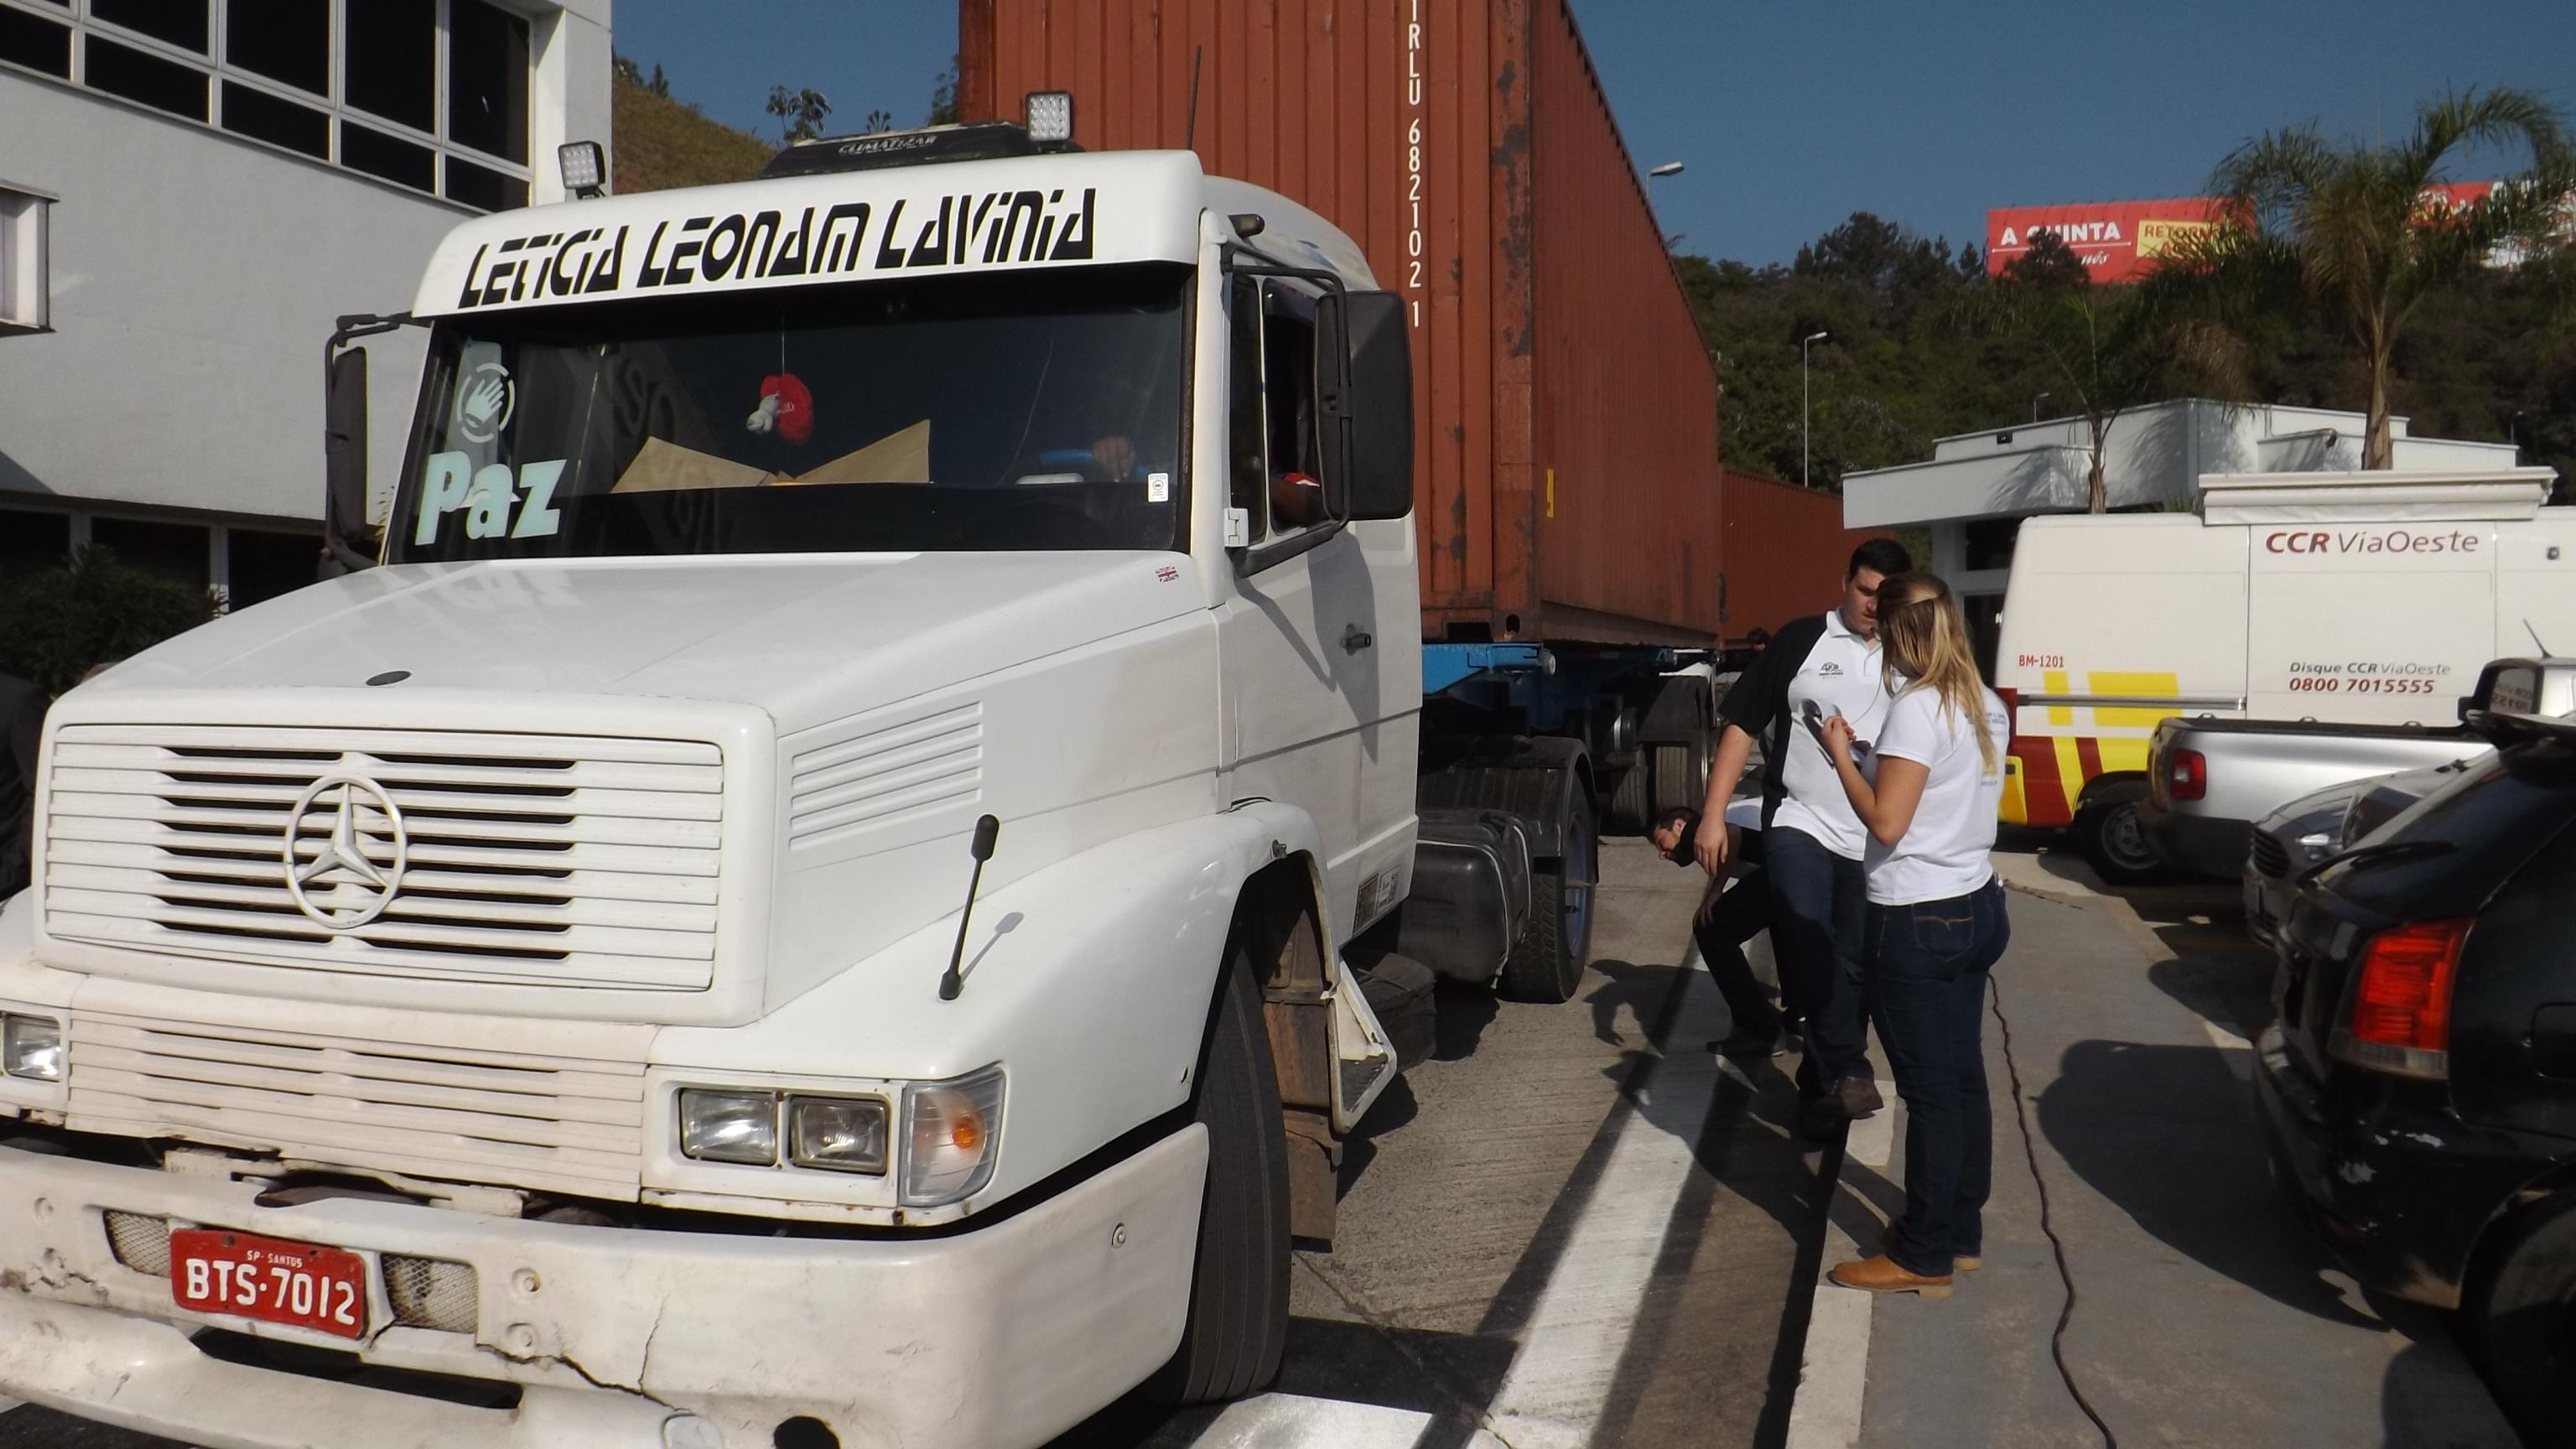 Barra de direção exige cuidados para evitar folgas que podem colocar em risco a segurança do caminhão